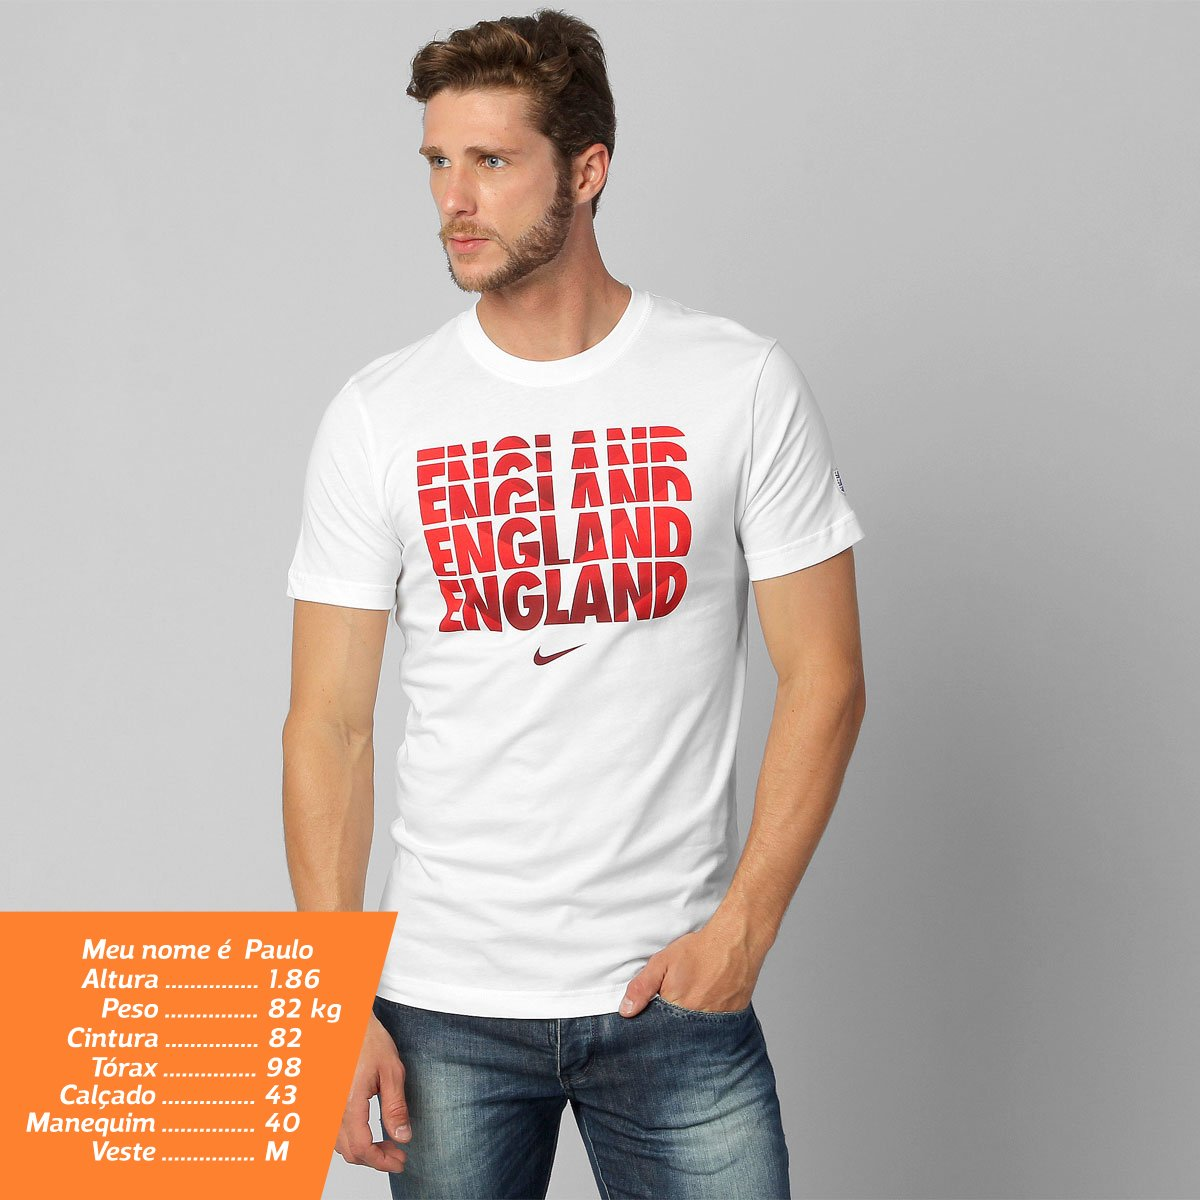 39c878d951298 Camiseta Nike Seleção Inglaterra Core Type - Compre Agora